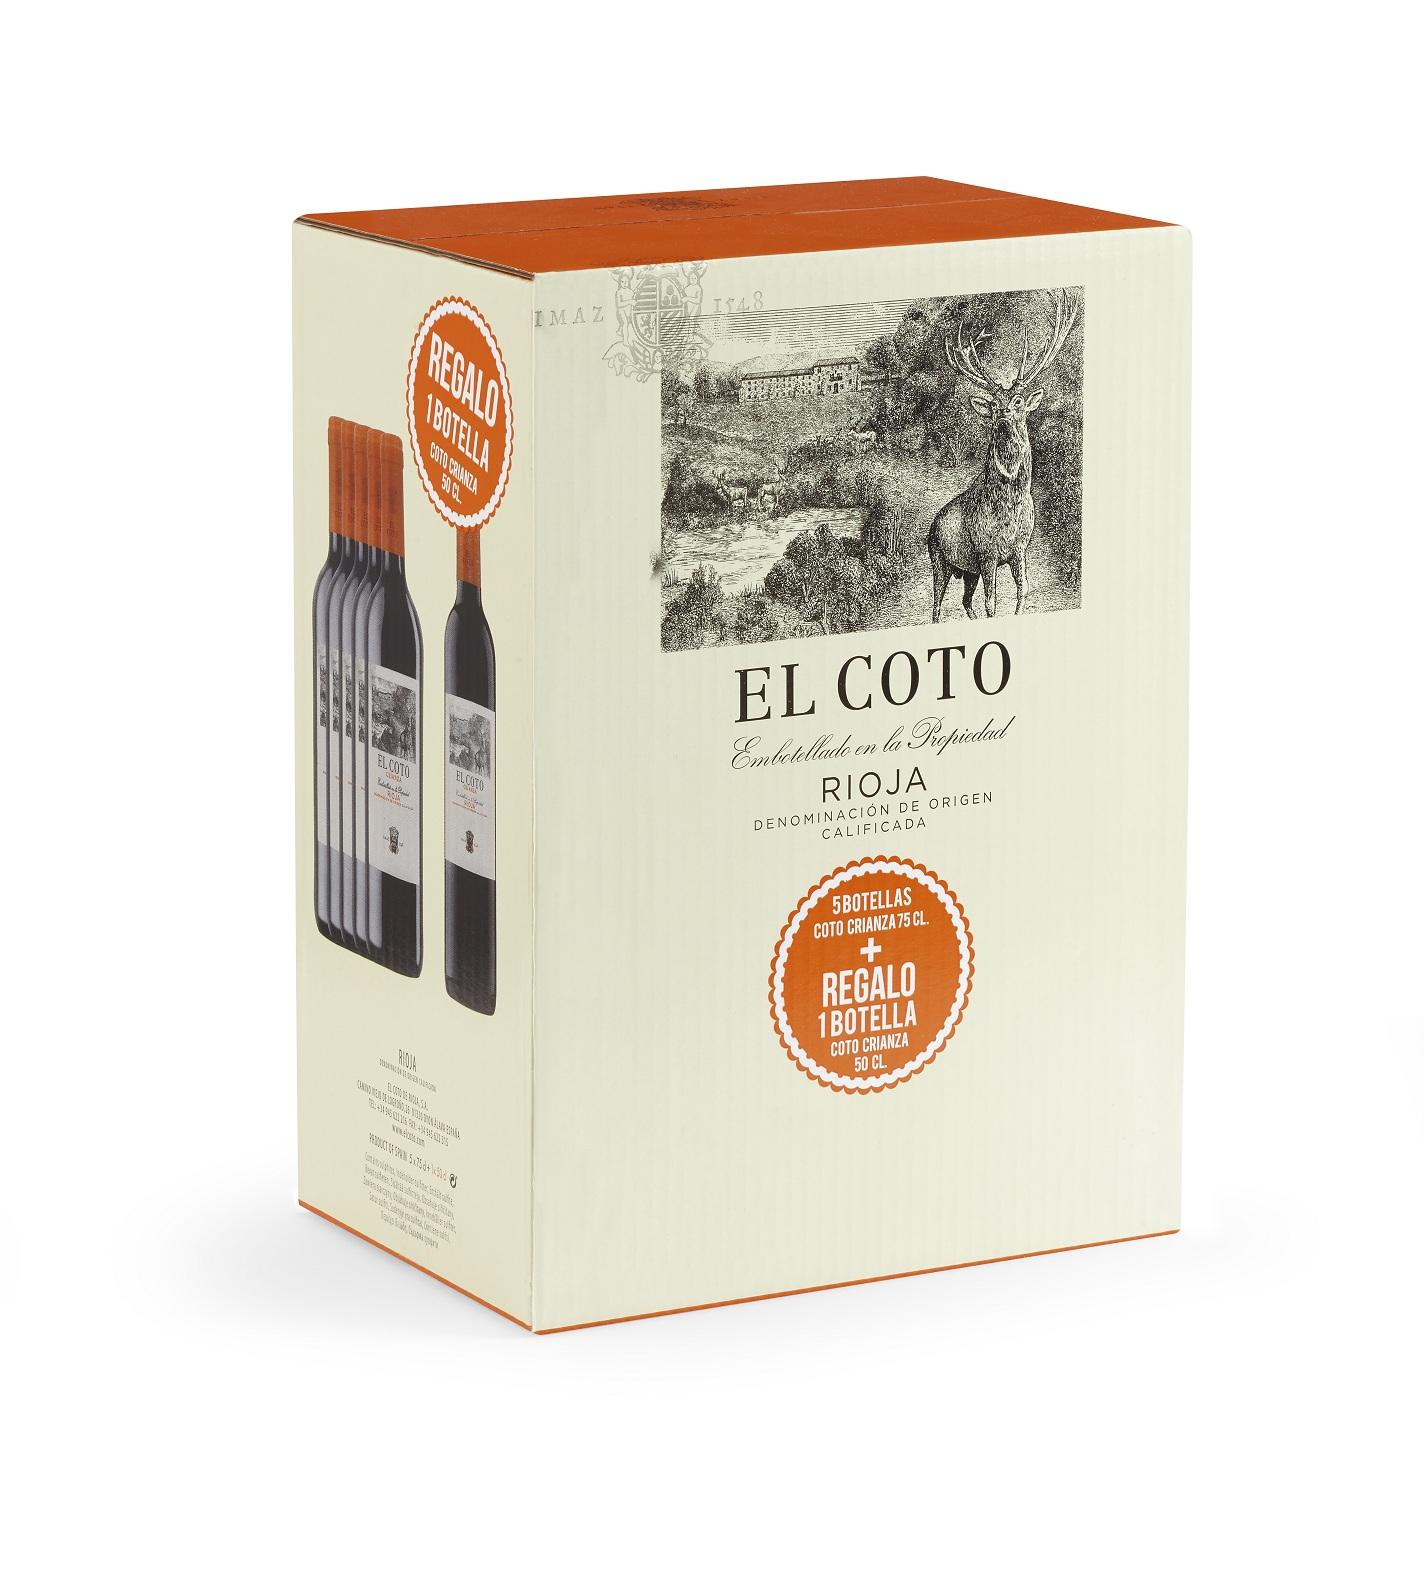 EL COTO CRIANZA PACK 5 BOTELLAS + 1 BOTELLA 0,50 REGALO